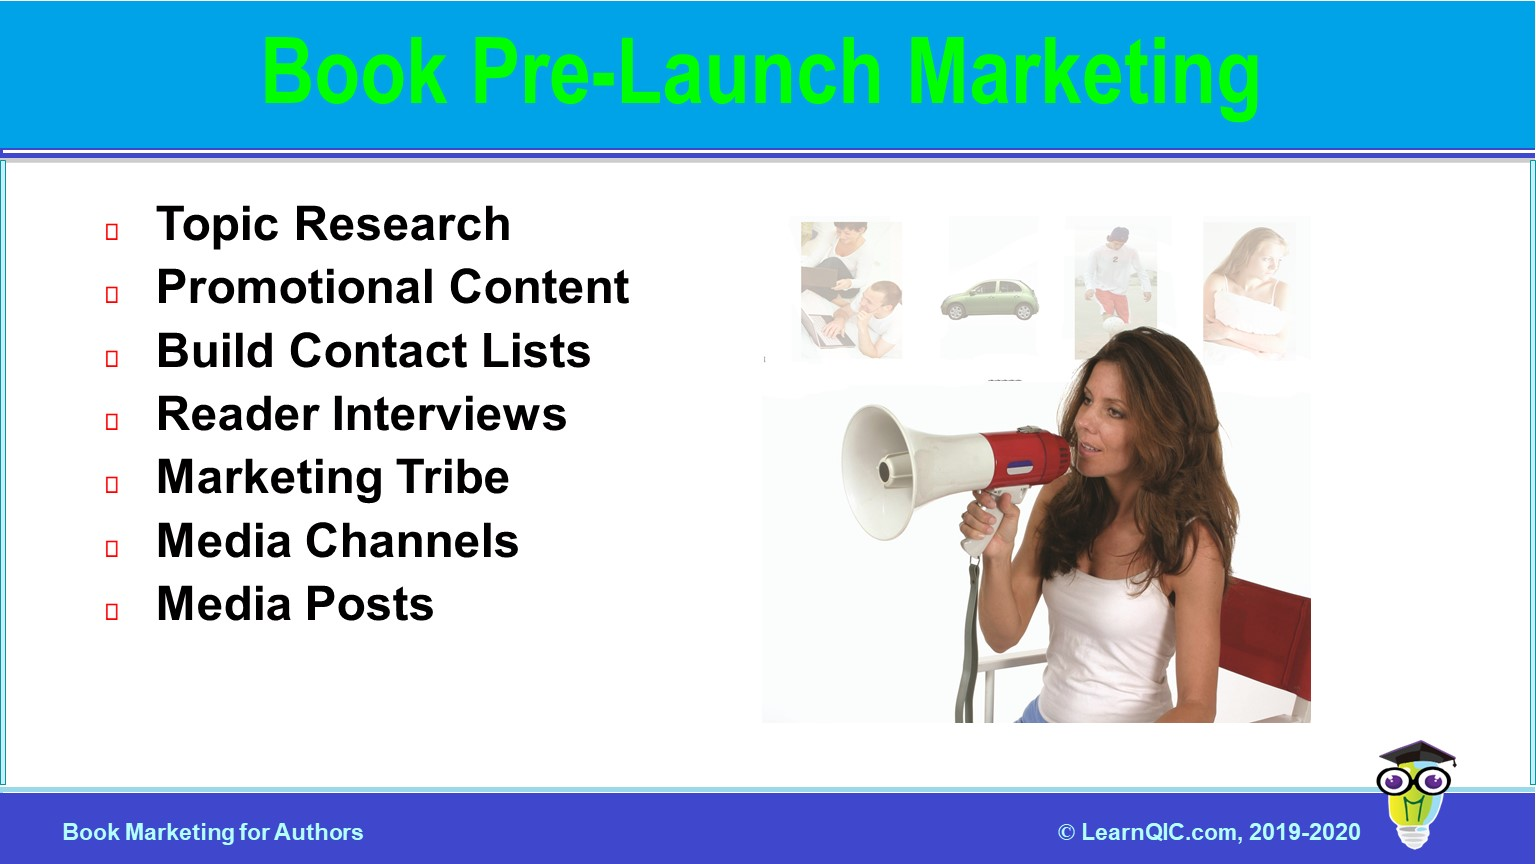 Book Pre-Launch Marketing